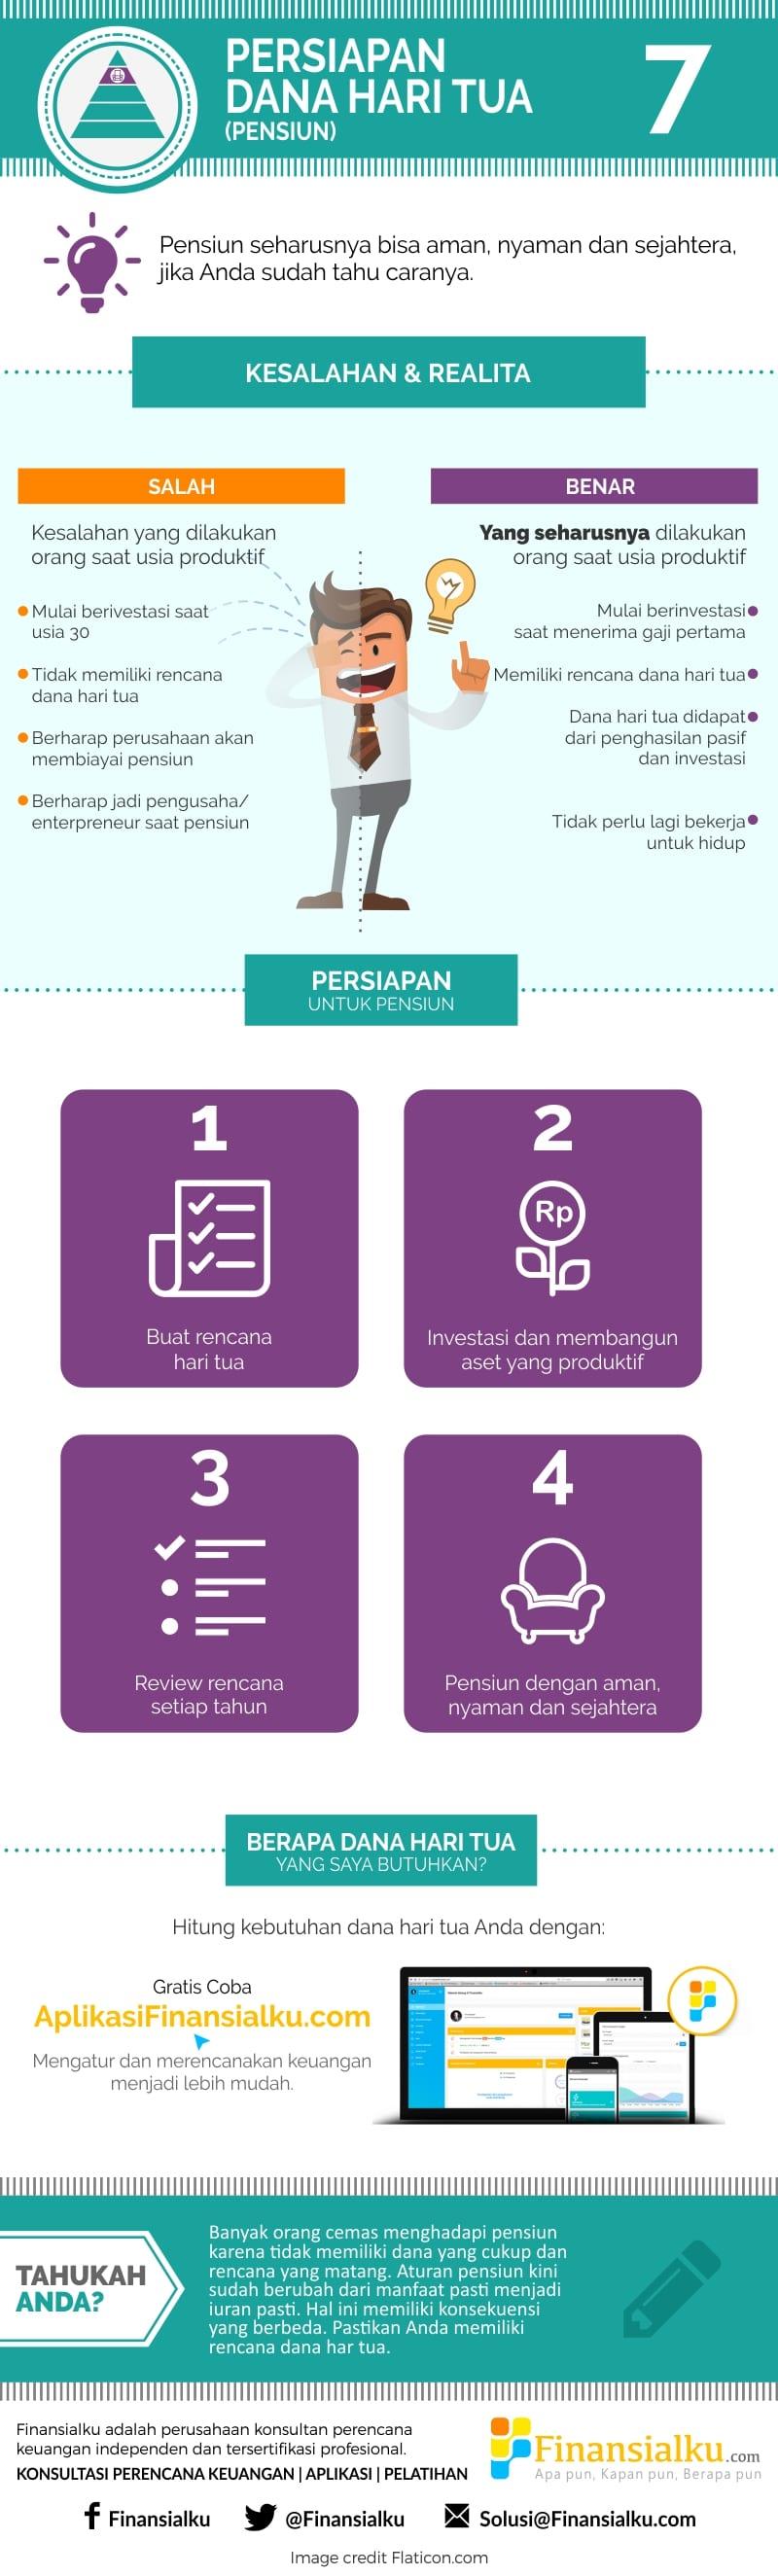 infografis-7-jangan-telat-persiapkan-dana-hari-tua-sejak-usia-produktif-finansialku